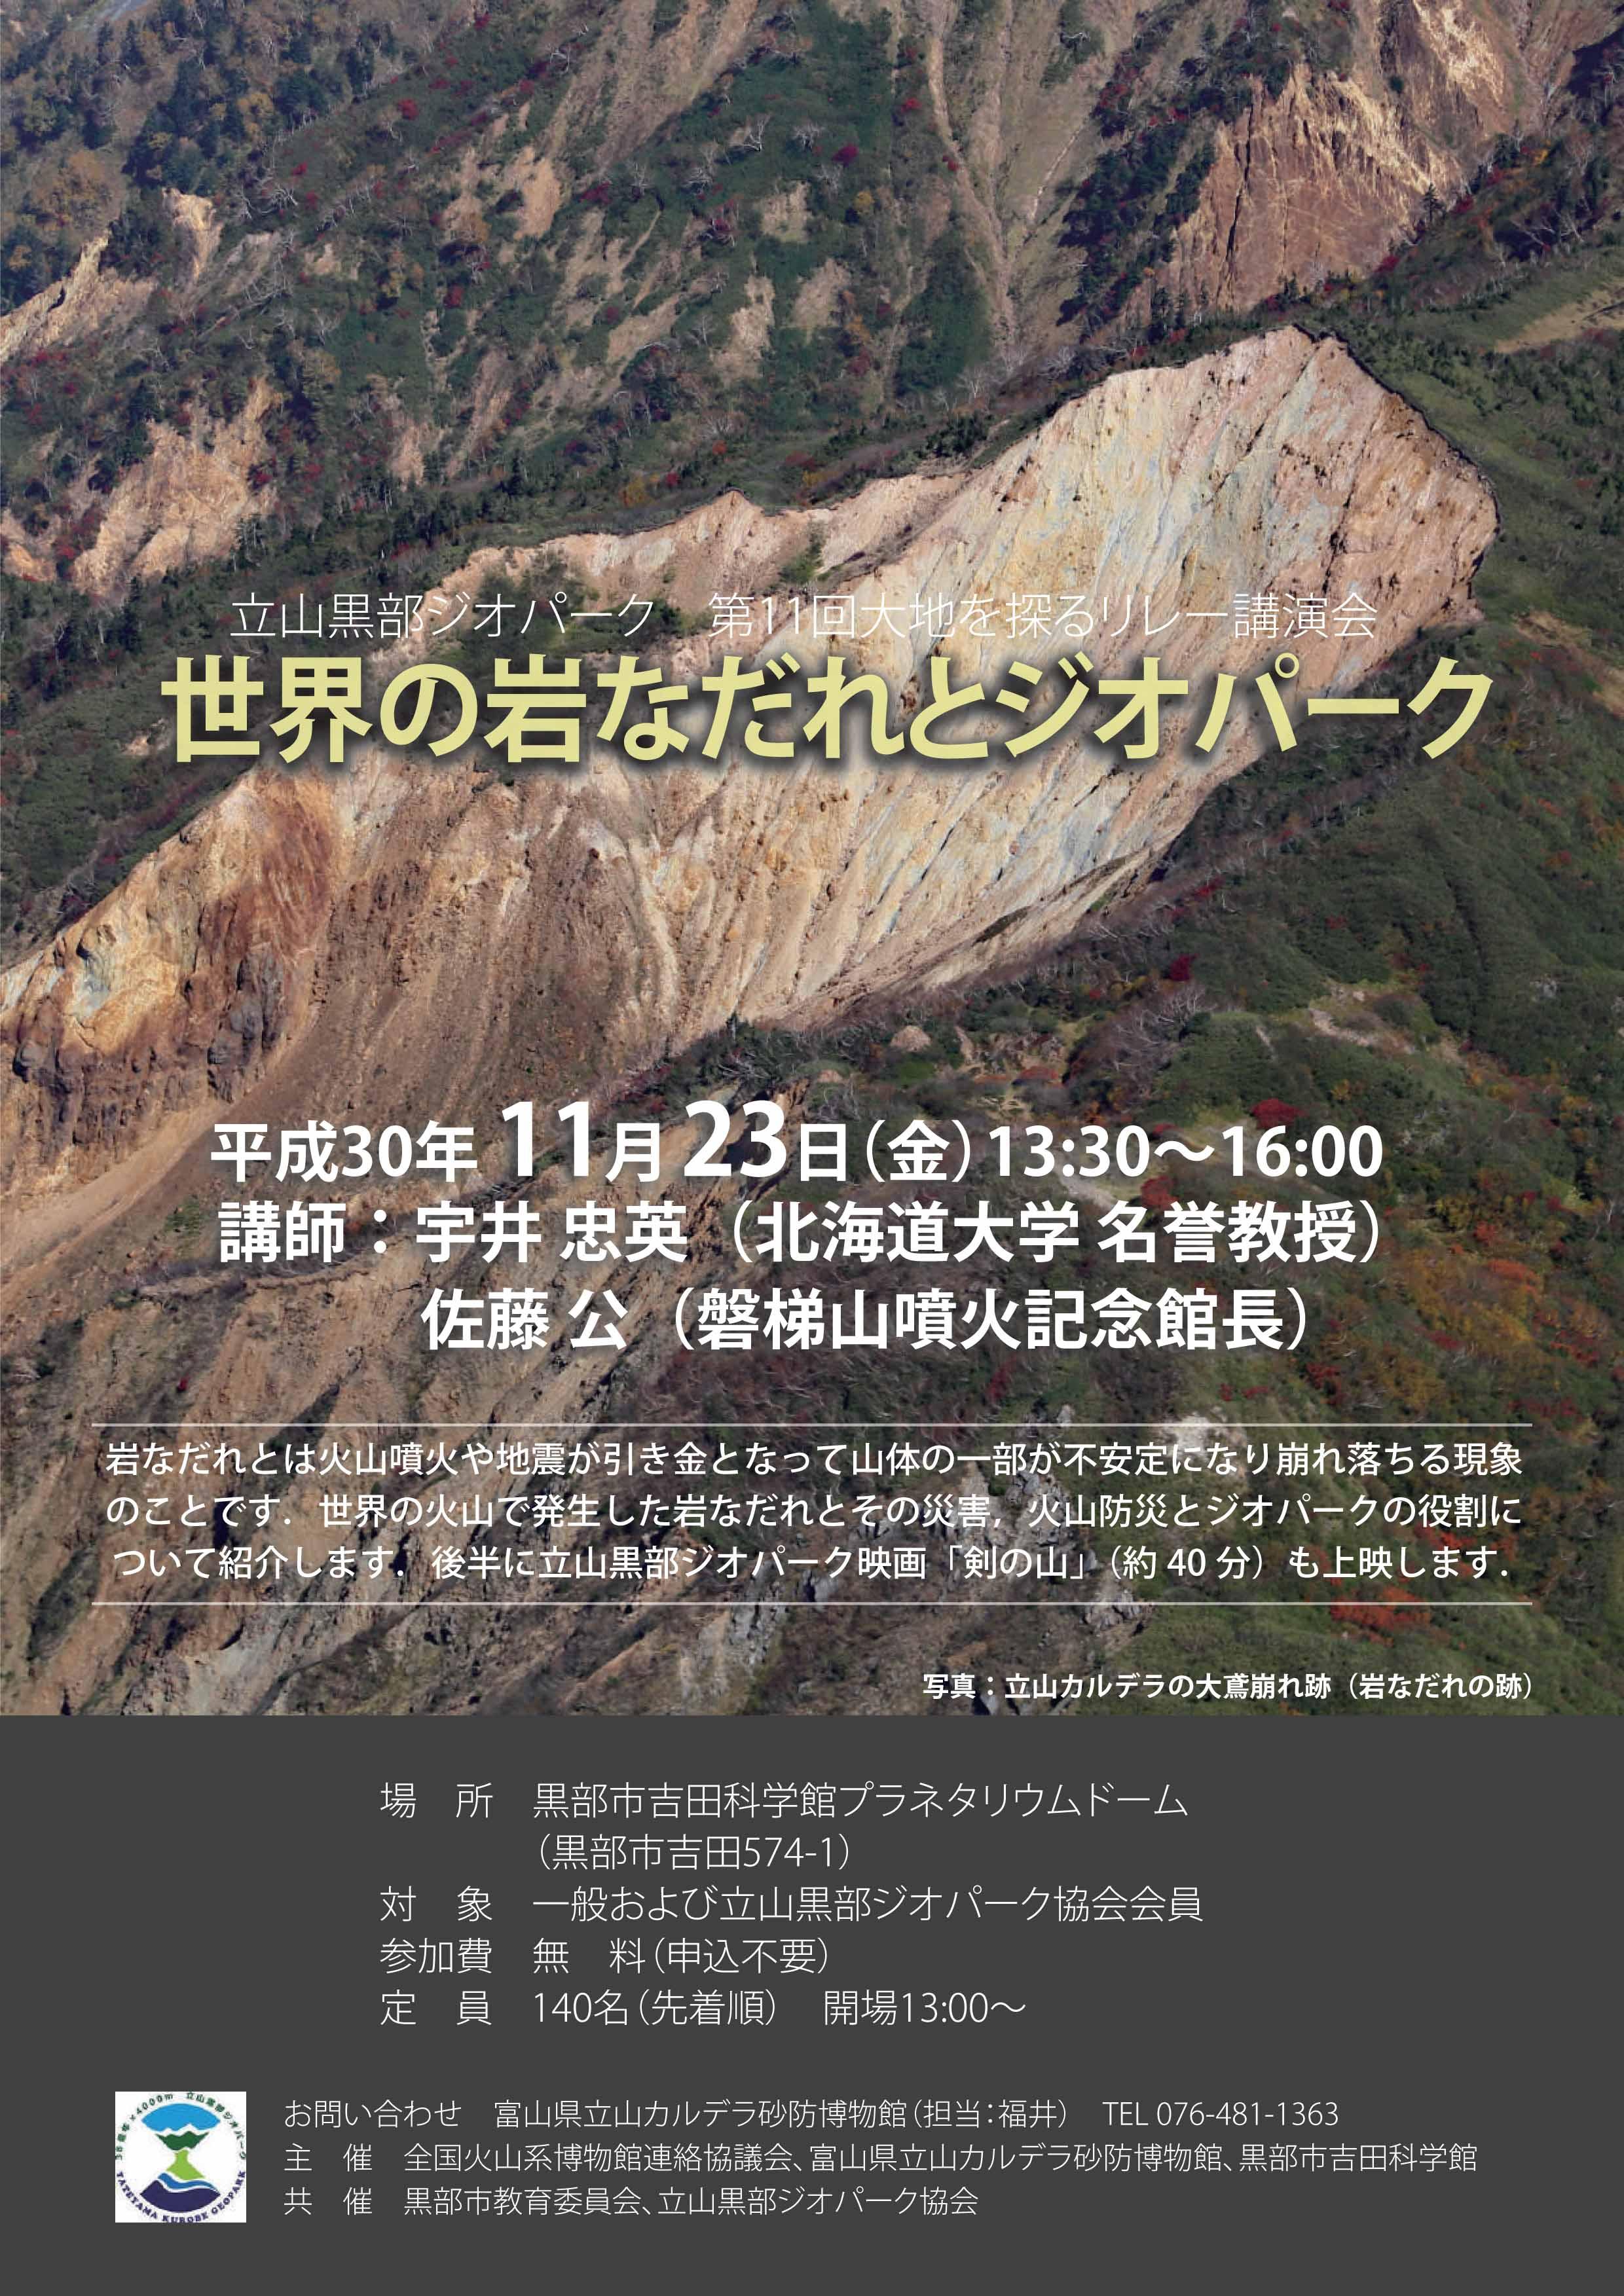 立山黒部ジオパーク 第11回大地を探るリレー講演会<br>「世界の岩なだれとジオパーク」